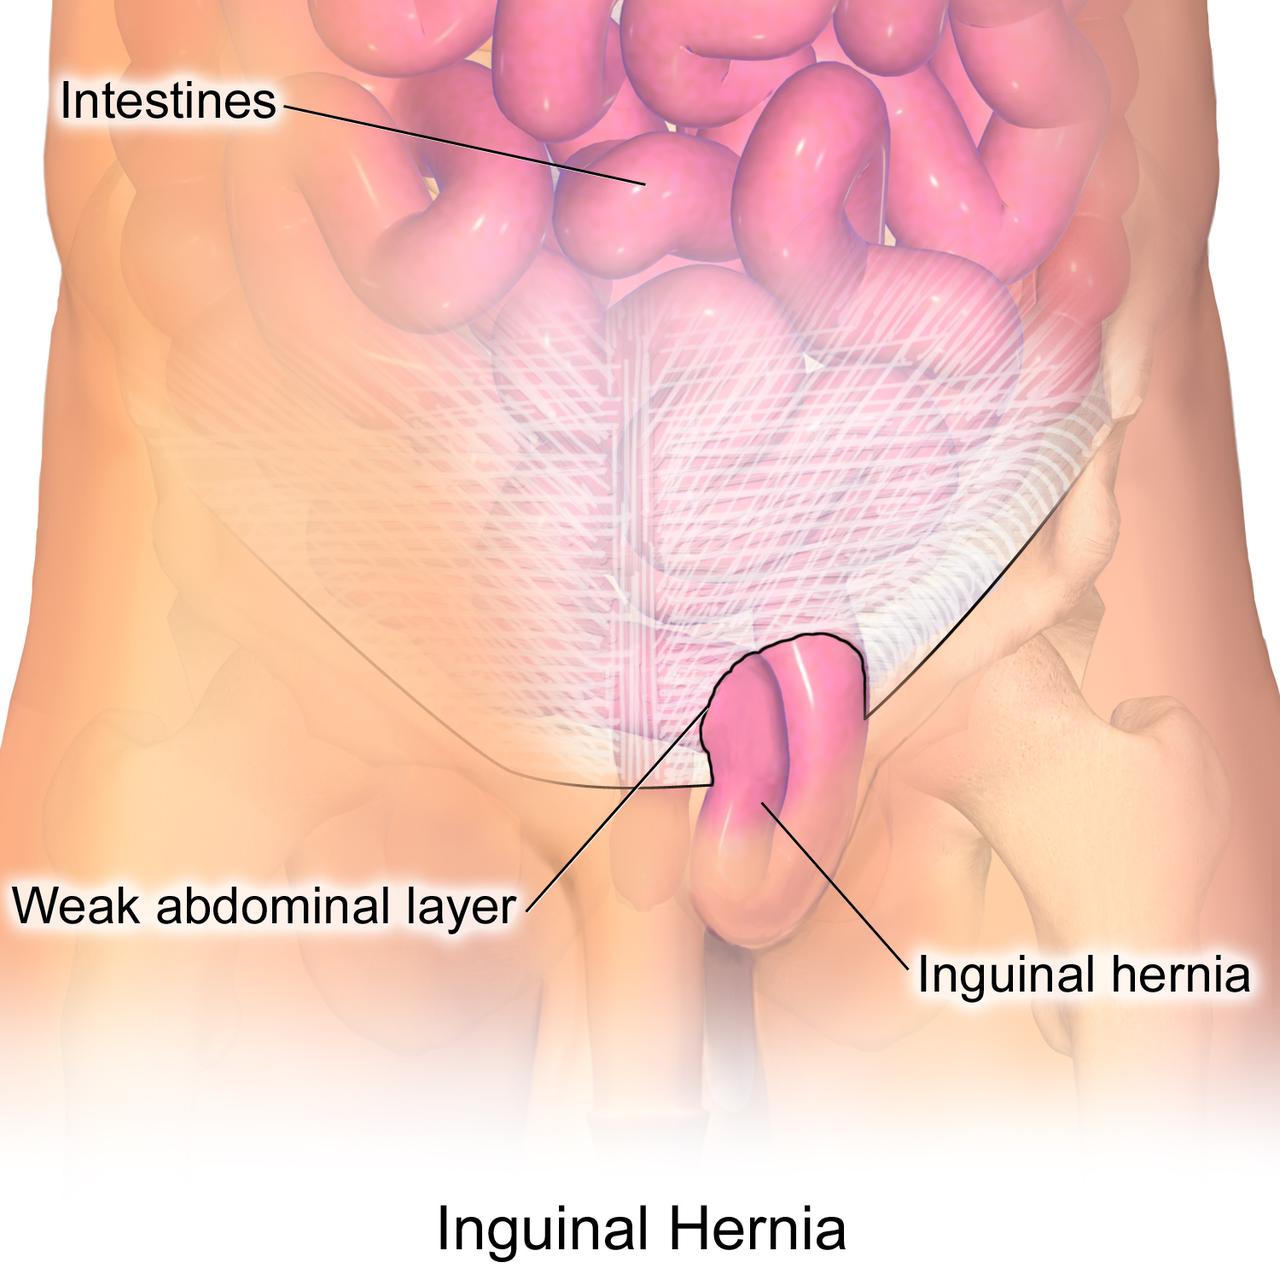 General Surgery - Inguinal Hernia